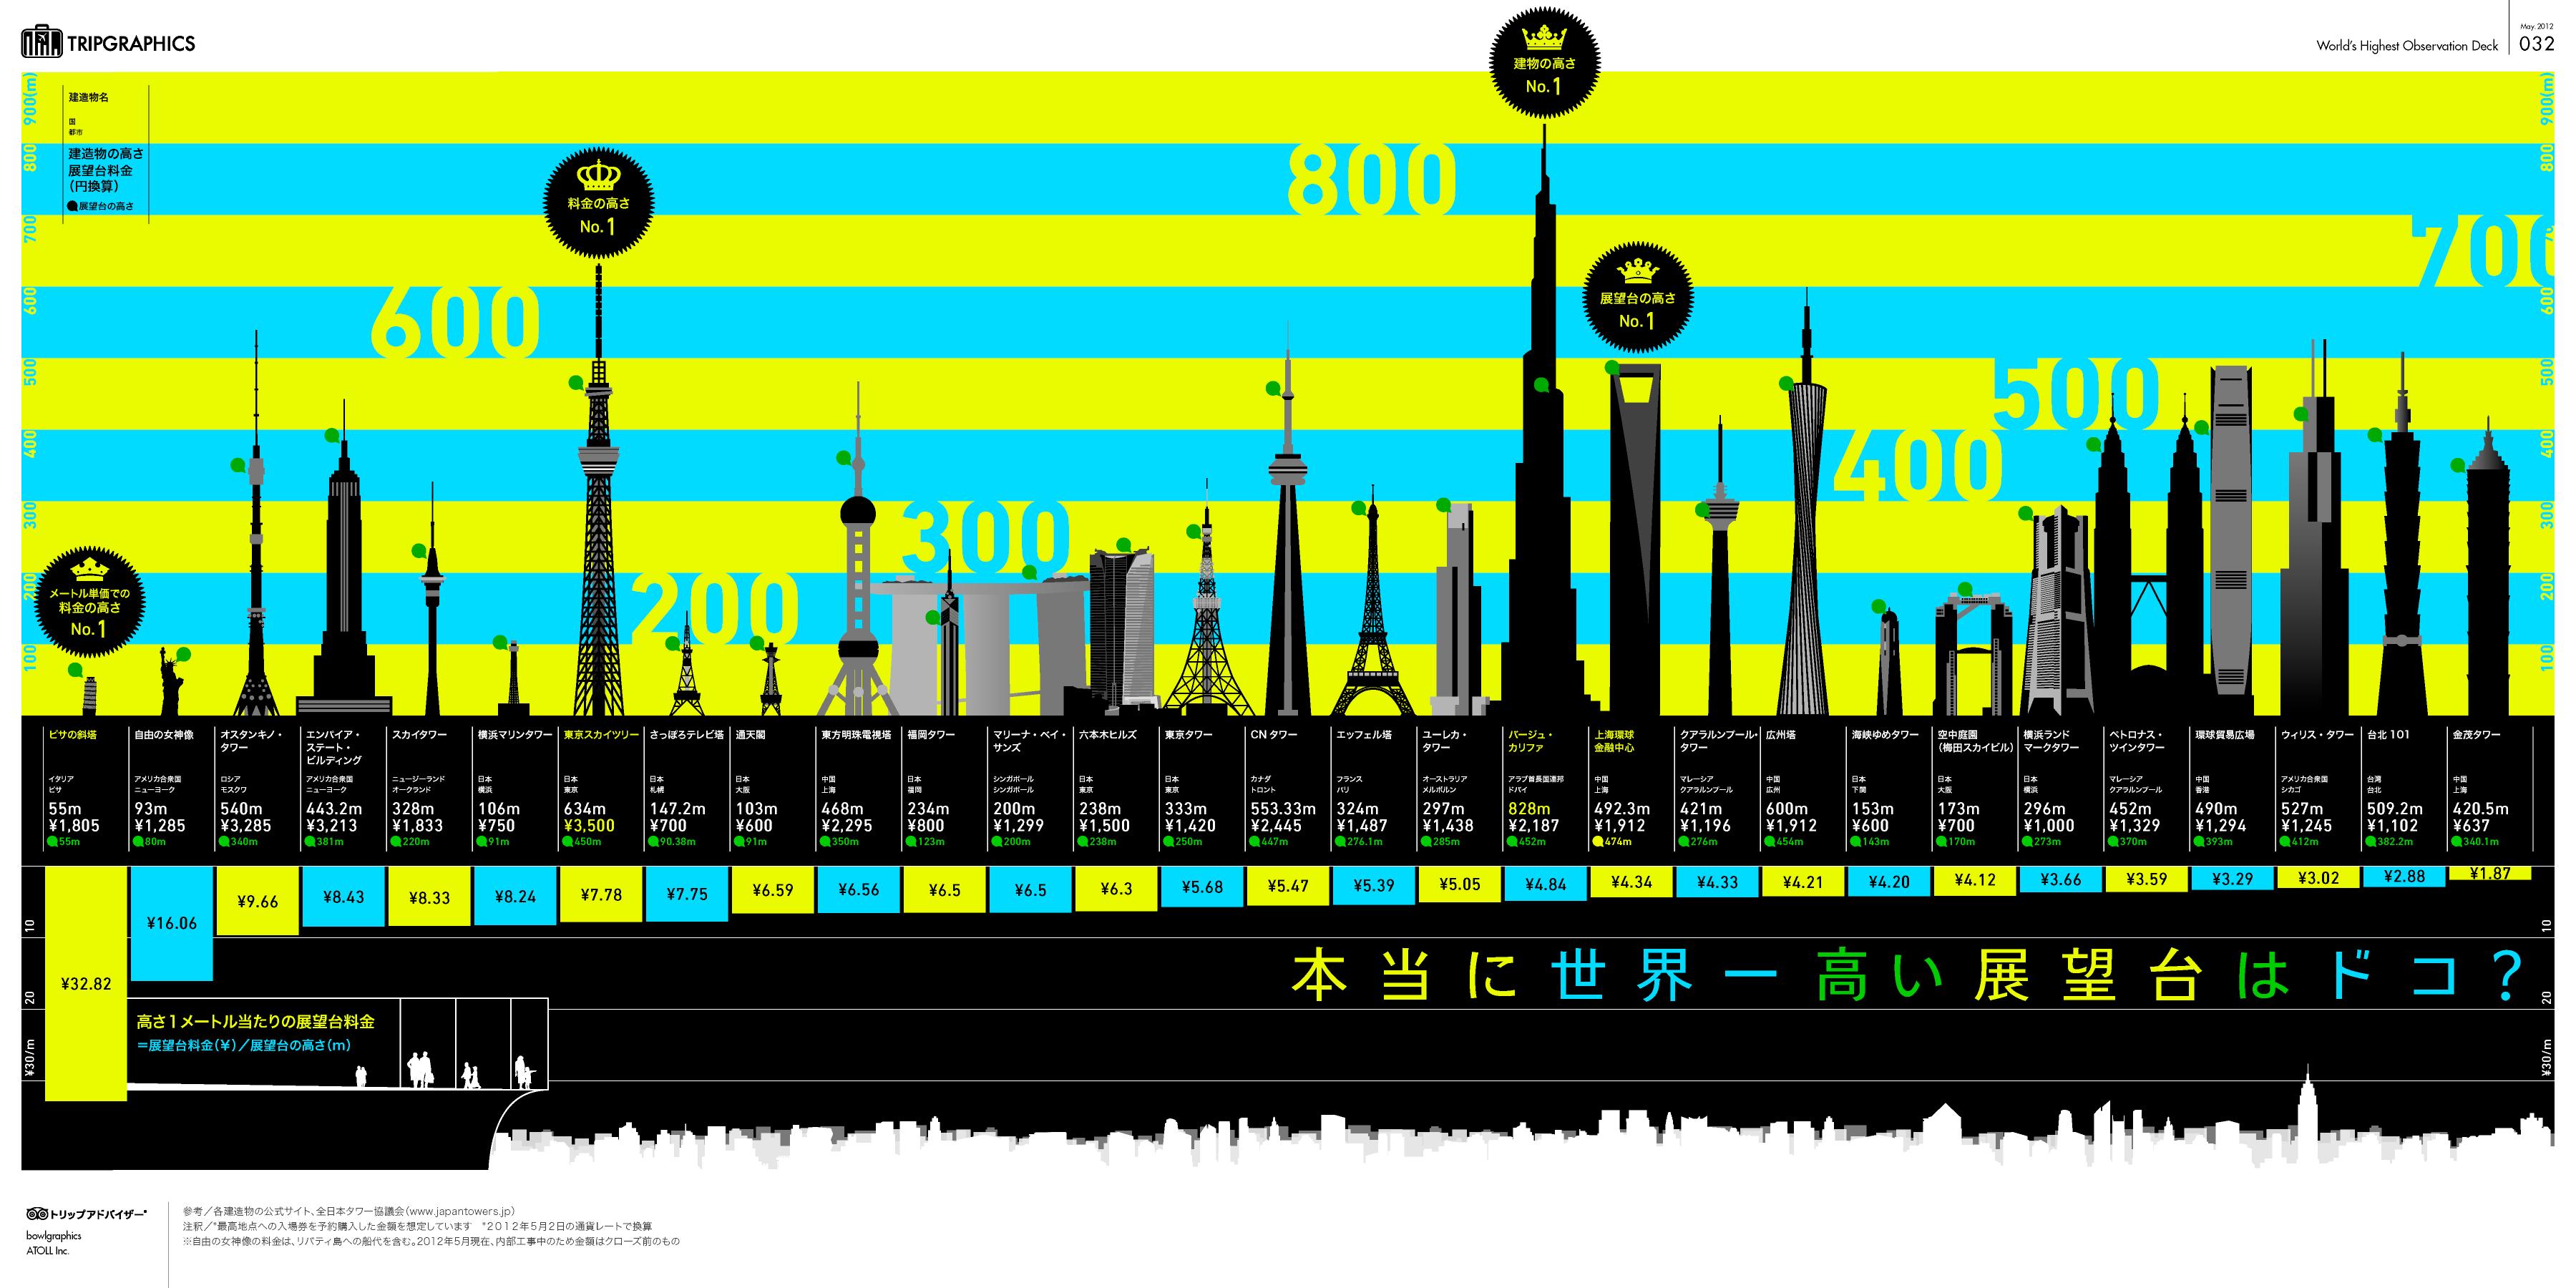 インフォグラフィック:世界一高い展望台ランキング。東京スカイツリーの料金が高い理由